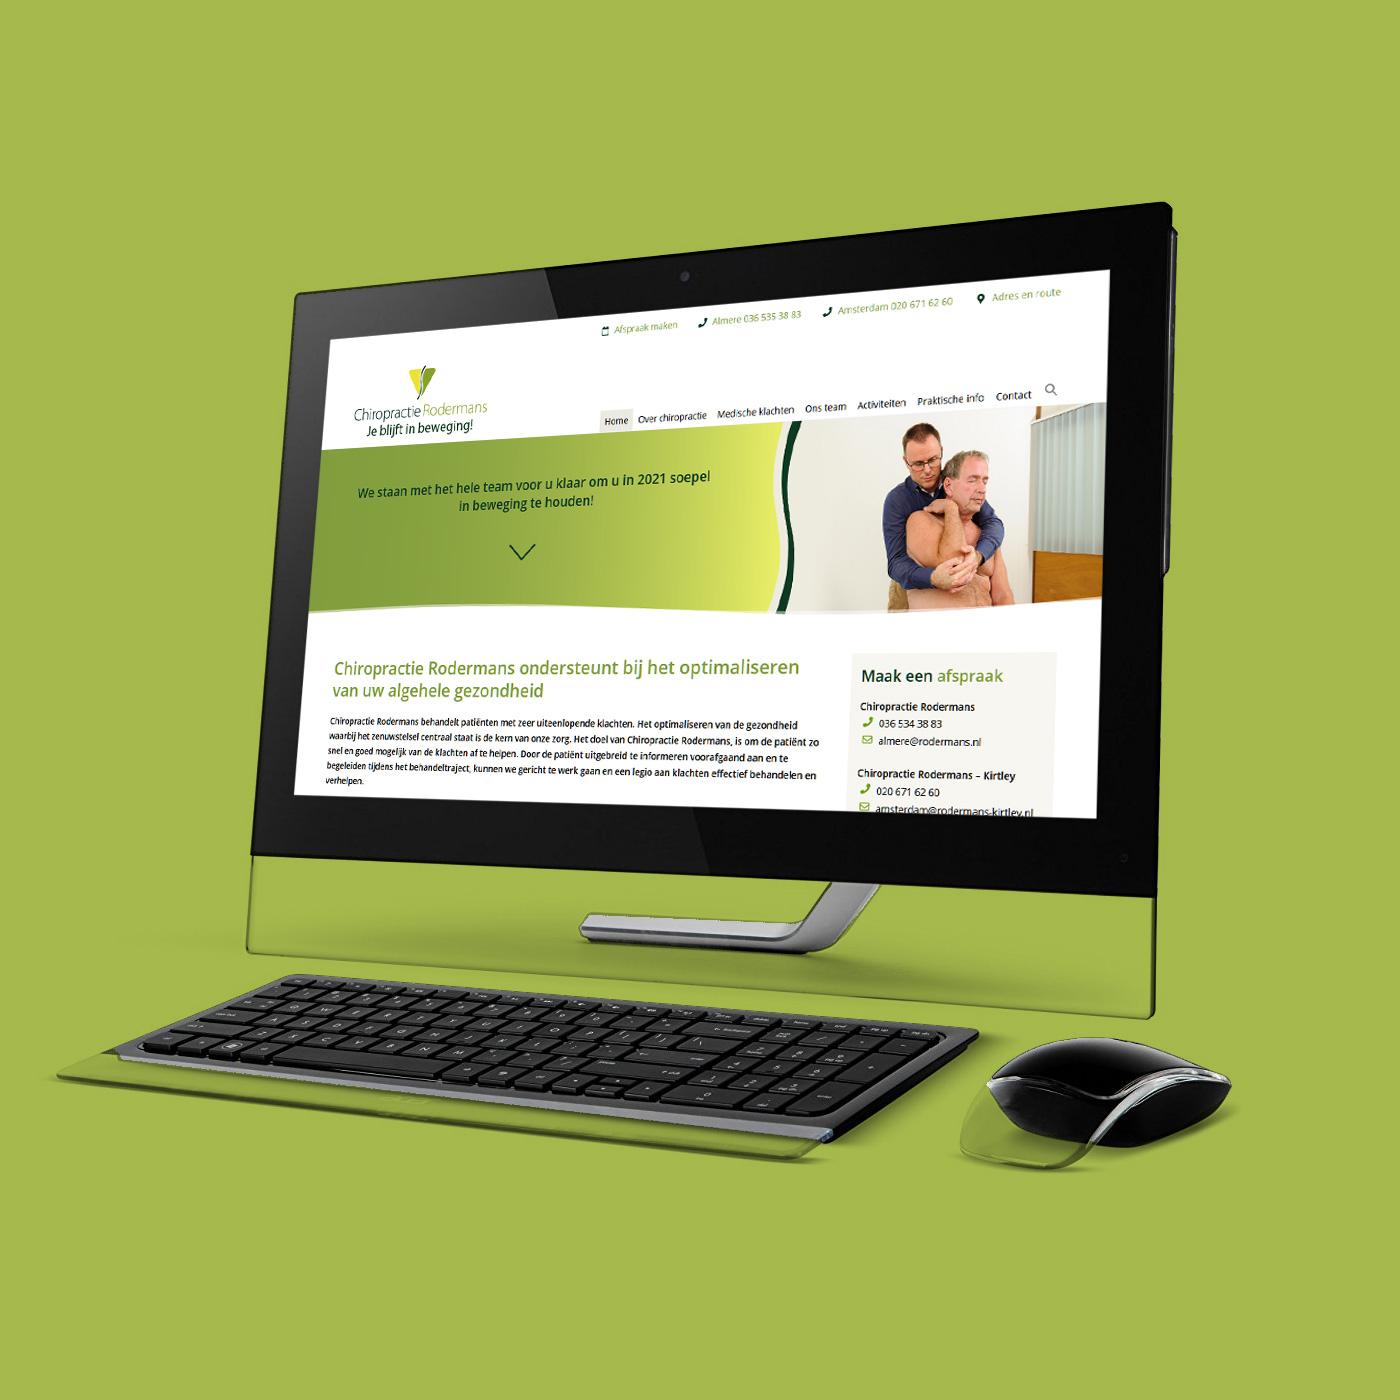 Voor Chiropractie Rodermans bouwde ik de website. Daarnaast verzorg ik voor hen visitekaartjes, Mailchimp templates en andere zaken.